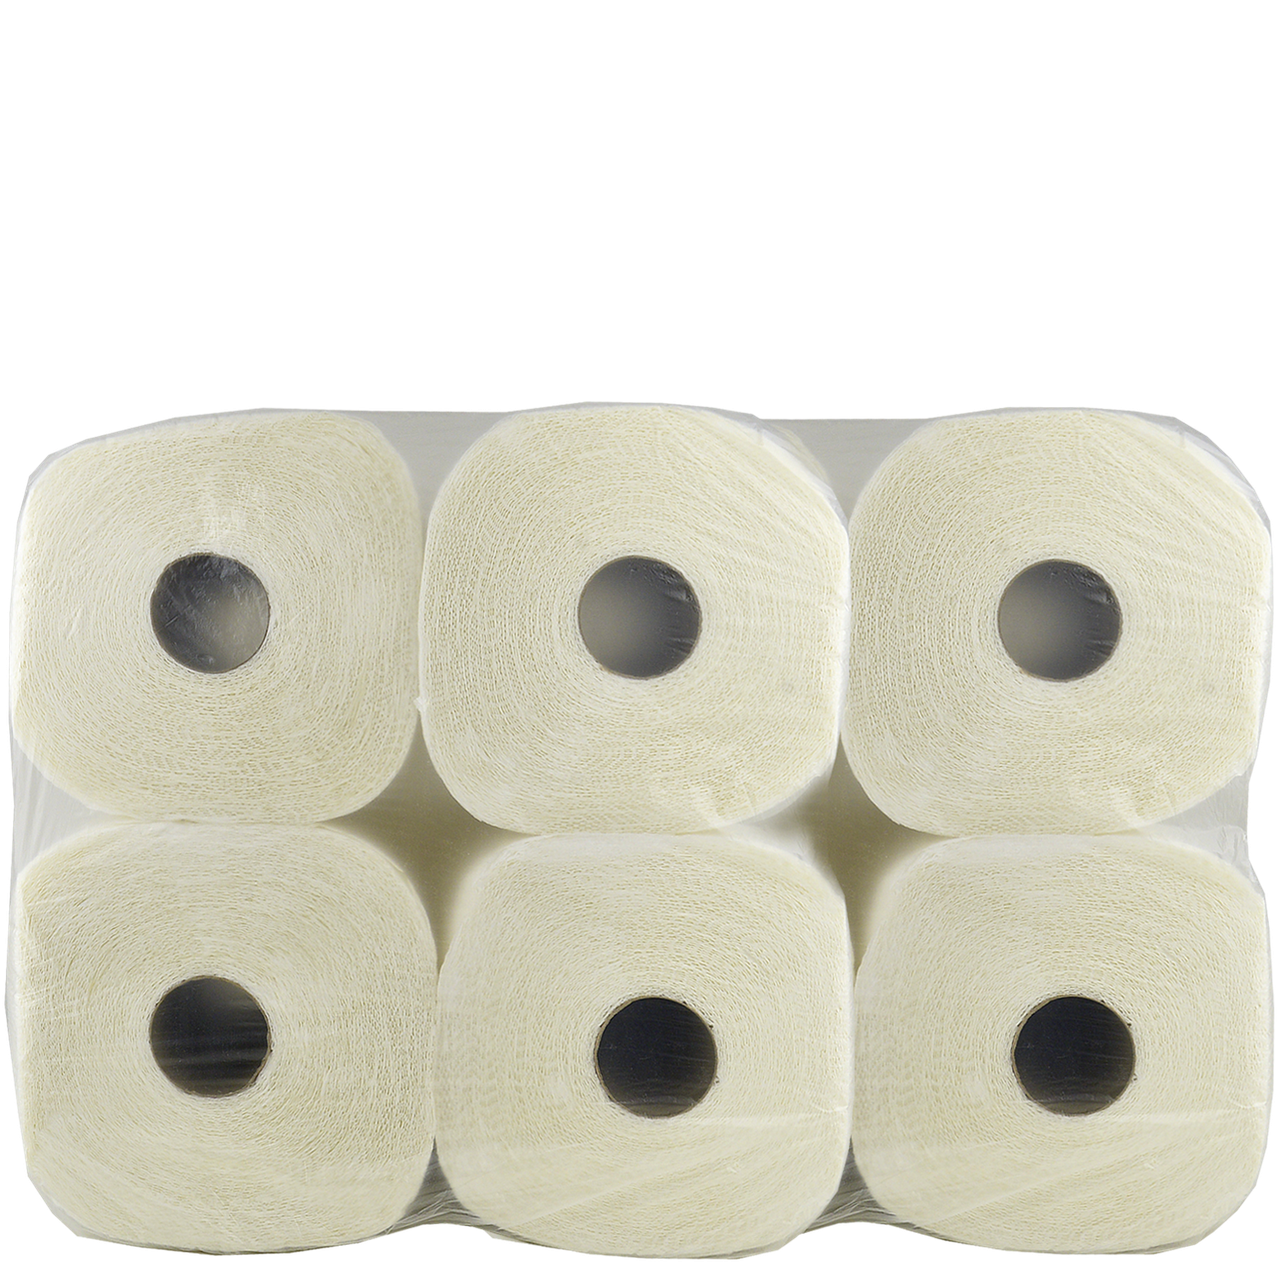 Полотенца бумажные в рулоне Primier 2-х слойные 100% целлюлоза (6*150листов) 1уп/6шт (1ящ/2уп)